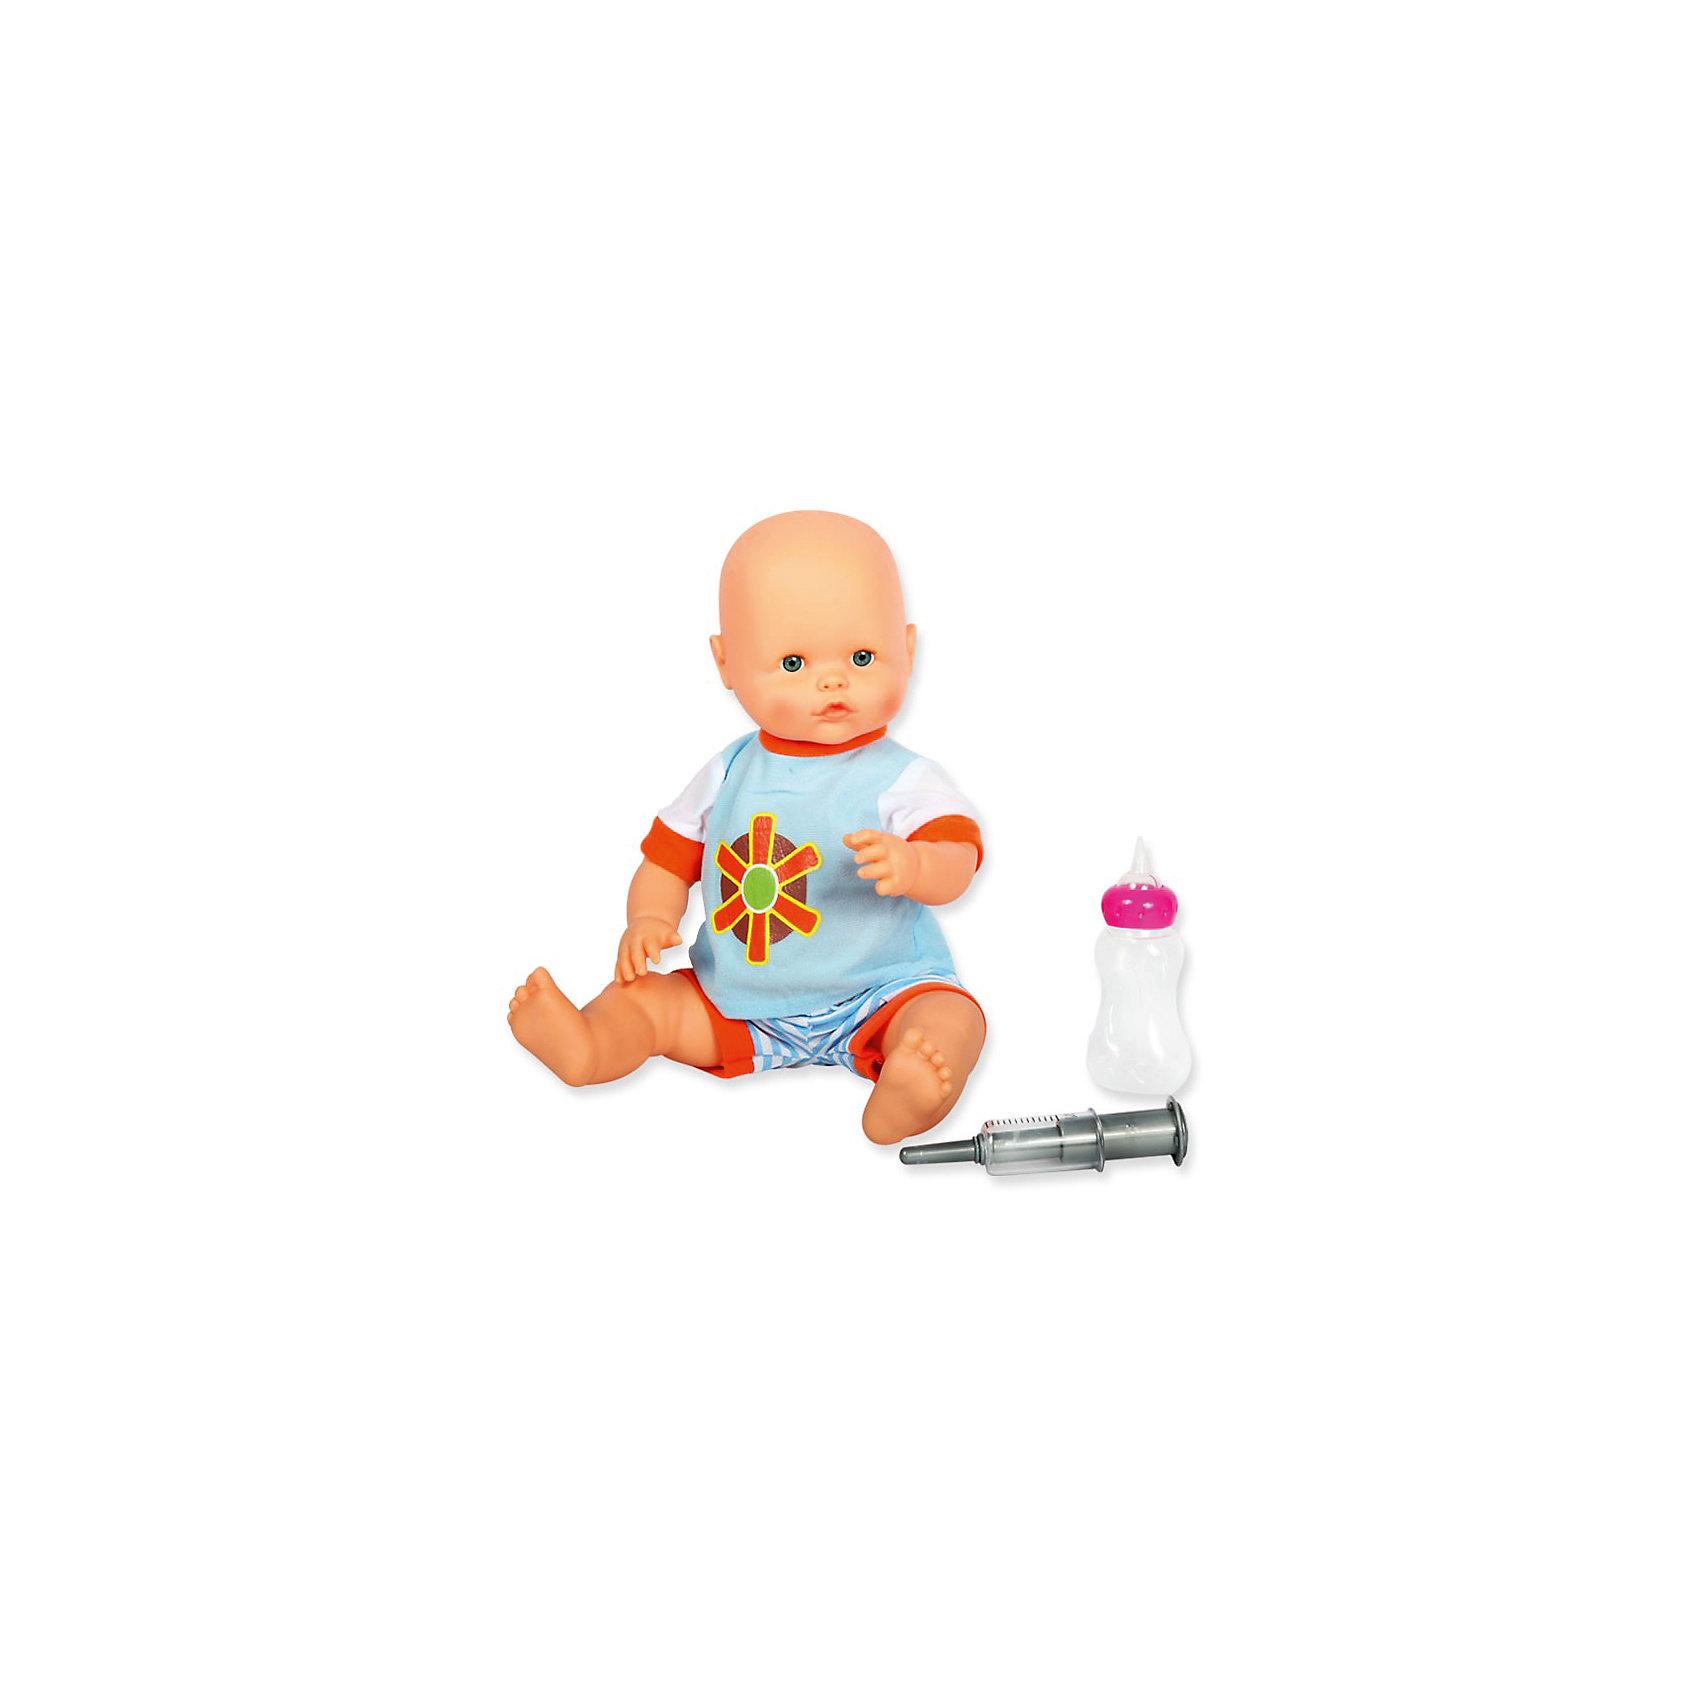 Пупс интерактивный Здоровый карапуз, 40 см, DollyToyКуклы<br>Характеристики товара:<br><br>• возраст от 3 лет;<br>• материал: пластик, текстиль;<br>• в комплекте: кукла, шприц, бутылочка;<br>• высота куклы 40 см;<br>• размер упаковки 44х28х15 см;<br>• вес упаковки 1,17 кг;<br>• страна производитель: Китай.<br><br>Пупс интерактивный «Здоровый карапуз» DollyToy привьет девочке чувство заботы, любви, ответственности. О малыше надо позаботиться, чтобы он не заболел. После купания он кашляет, дрожит, у него течет вода из носика. Надо вовремя поставить крохе укол. Когда малыш захочет покушать, его можно покормить из бутылочки. Кукла сделана из влагонепроницаемого материла, что позволяет купать ее в ванной.<br><br>Пупса интерактивного «Здоровый карапуз» DollyToy можно приобрести в нашем интернет-магазине.<br><br>Ширина мм: 280<br>Глубина мм: 150<br>Высота мм: 440<br>Вес г: 1170<br>Возраст от месяцев: 36<br>Возраст до месяцев: 72<br>Пол: Женский<br>Возраст: Детский<br>SKU: 5581285